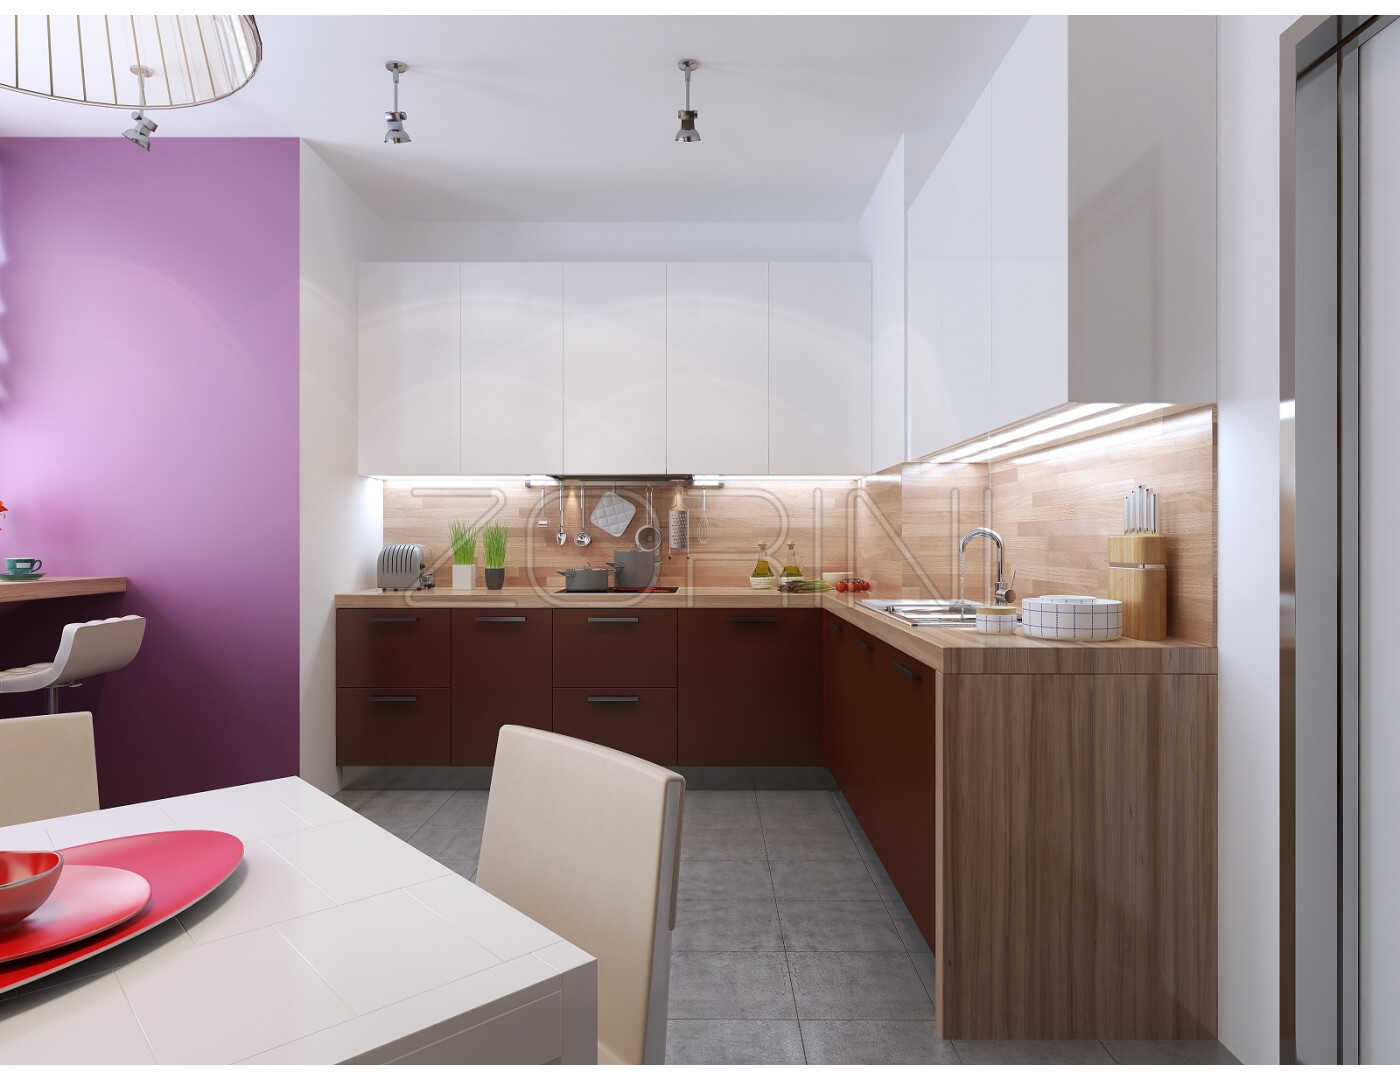 Мебель для угловой кухни Бонд на заказ - фото